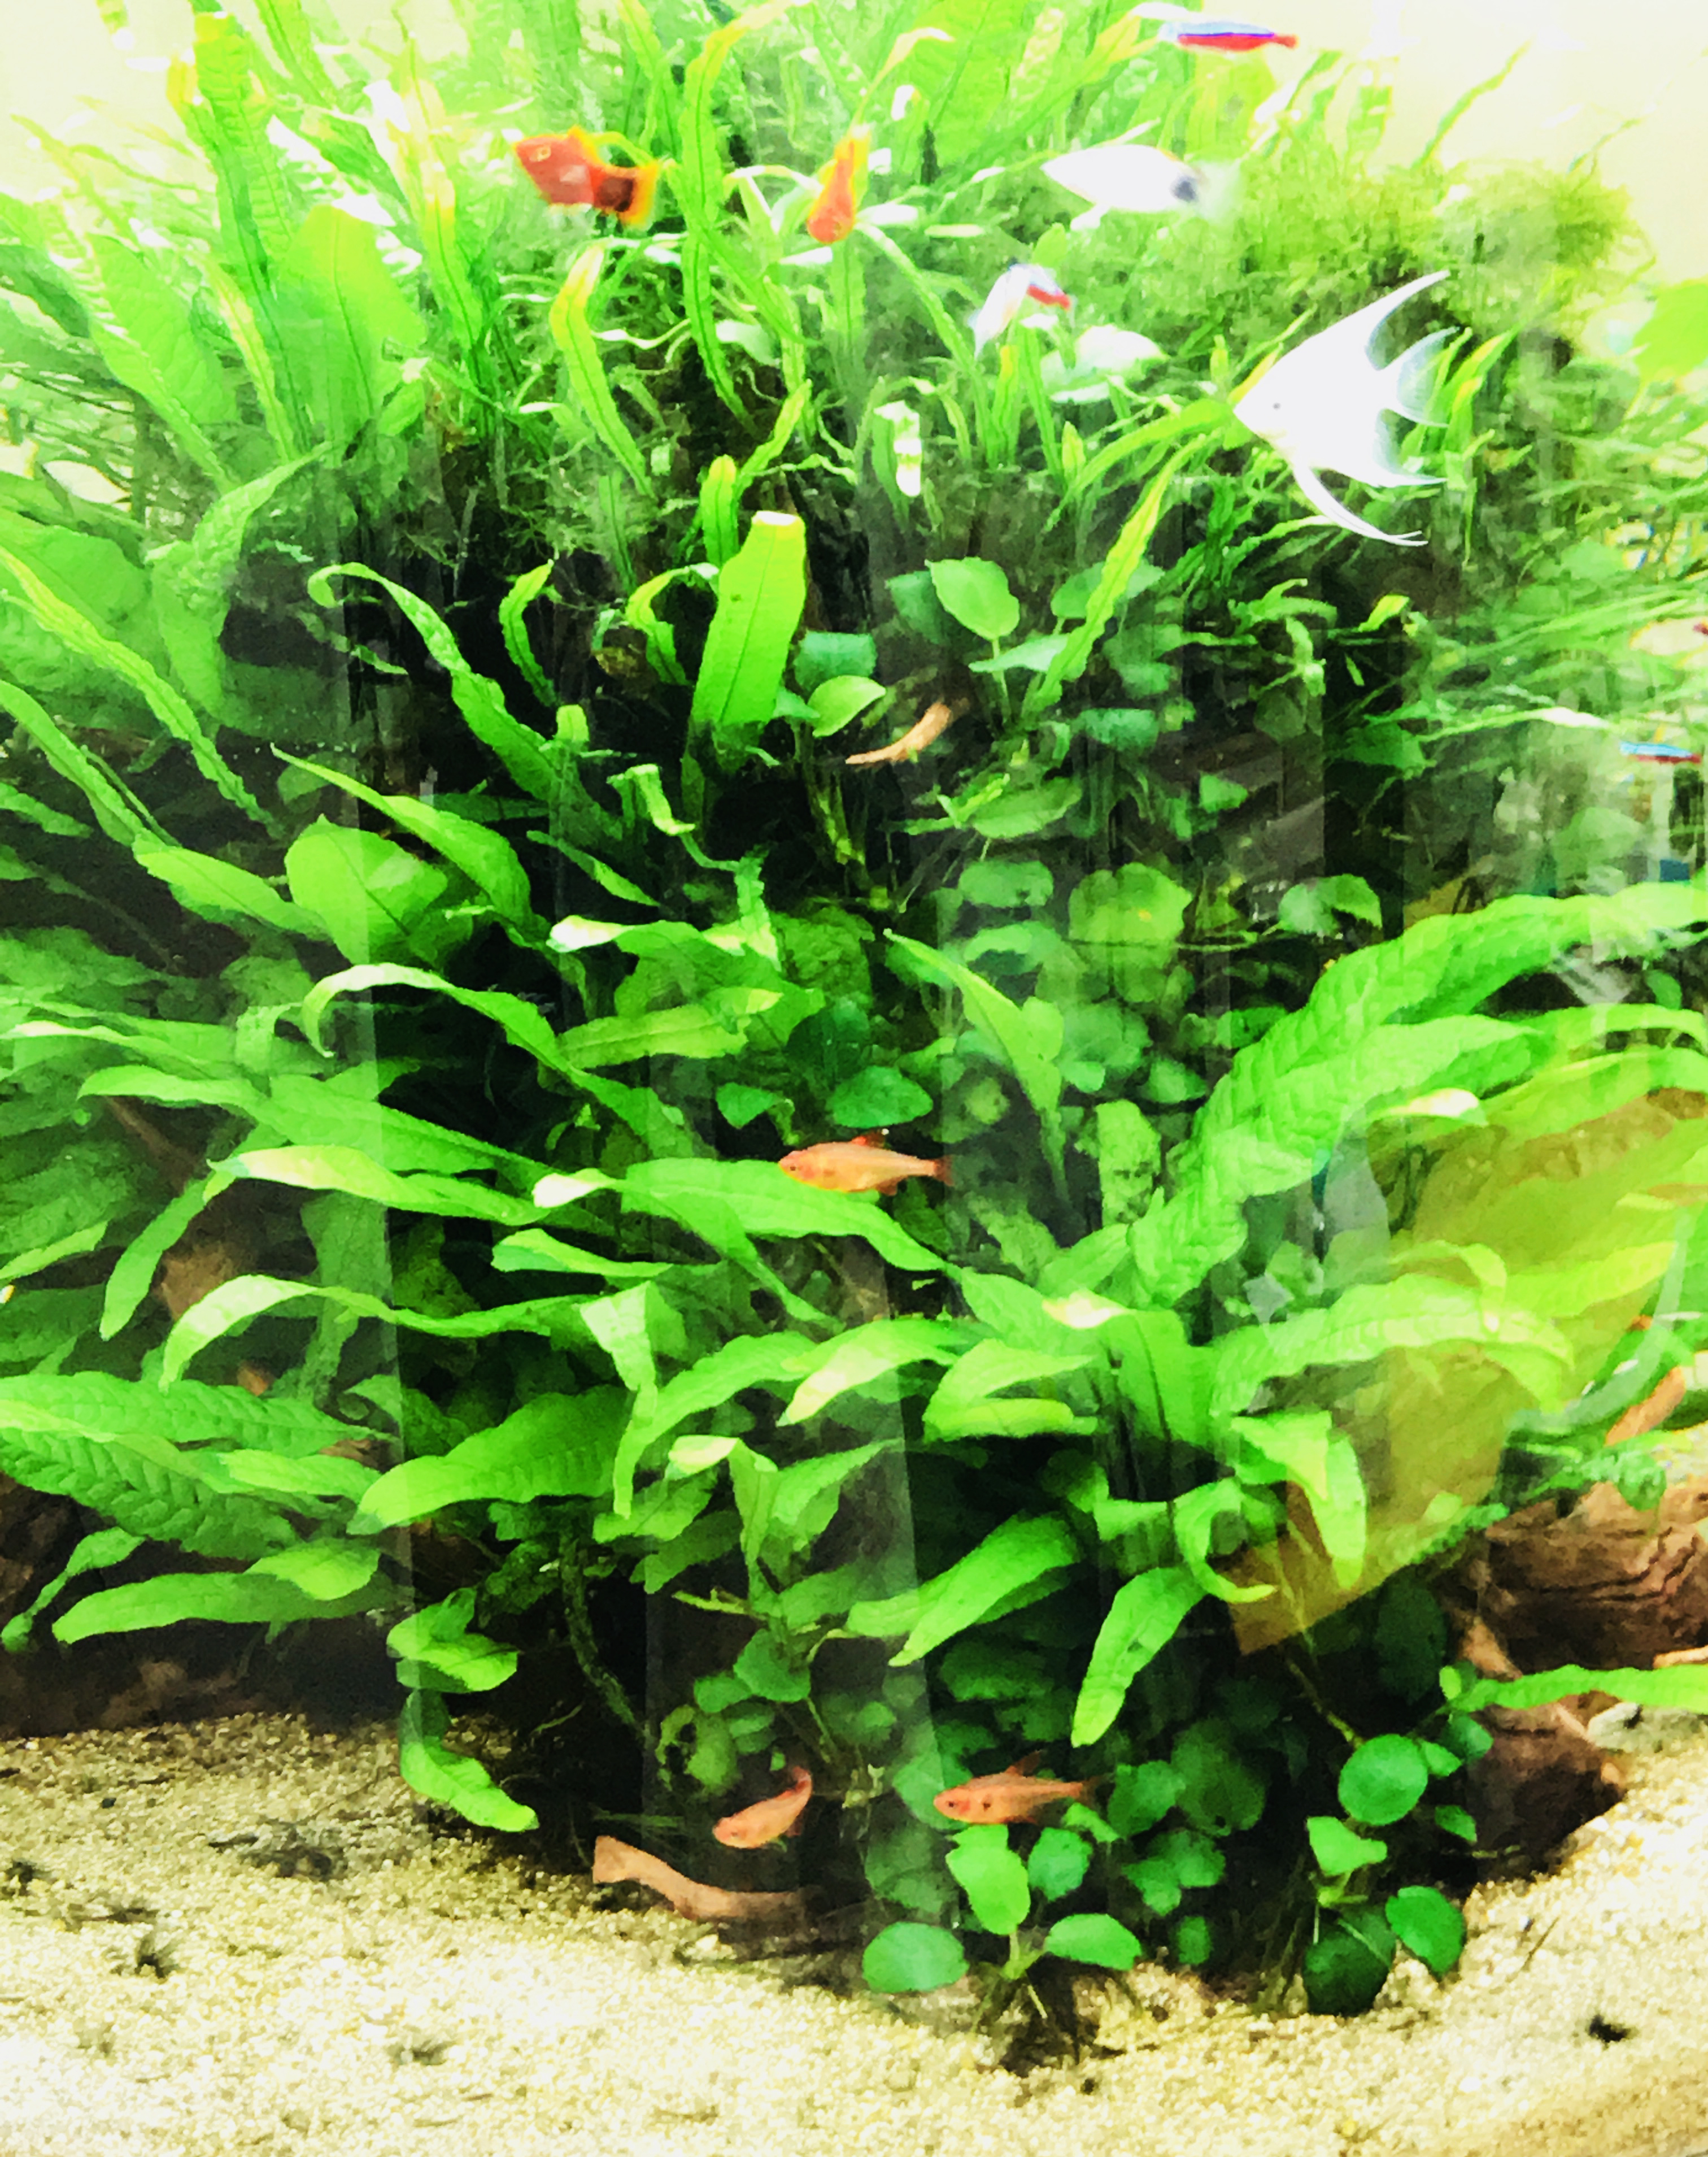 優雅に泳ぐ熱帯魚